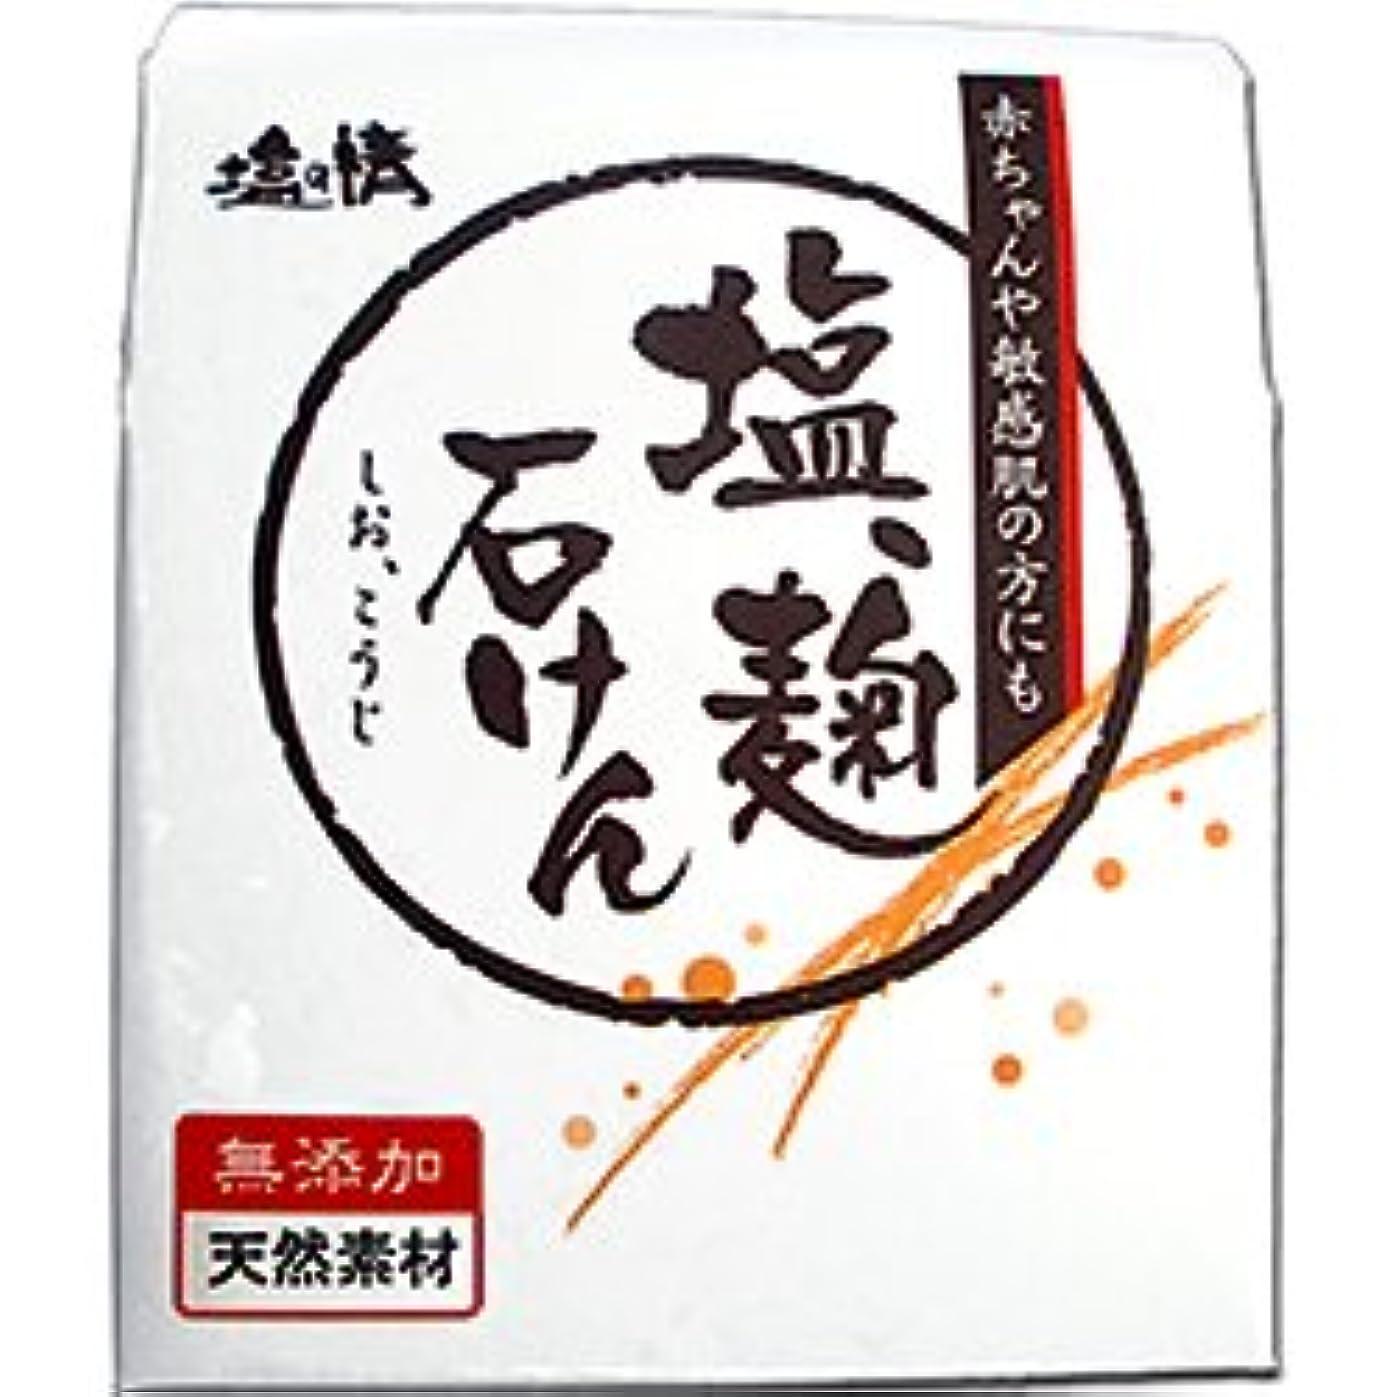 ペフ手順根拠【ダイムヘルスケア】塩の精 塩、麹石けん(しお、こうじせっけん) 無添加?天然素材 80g ×5個セット